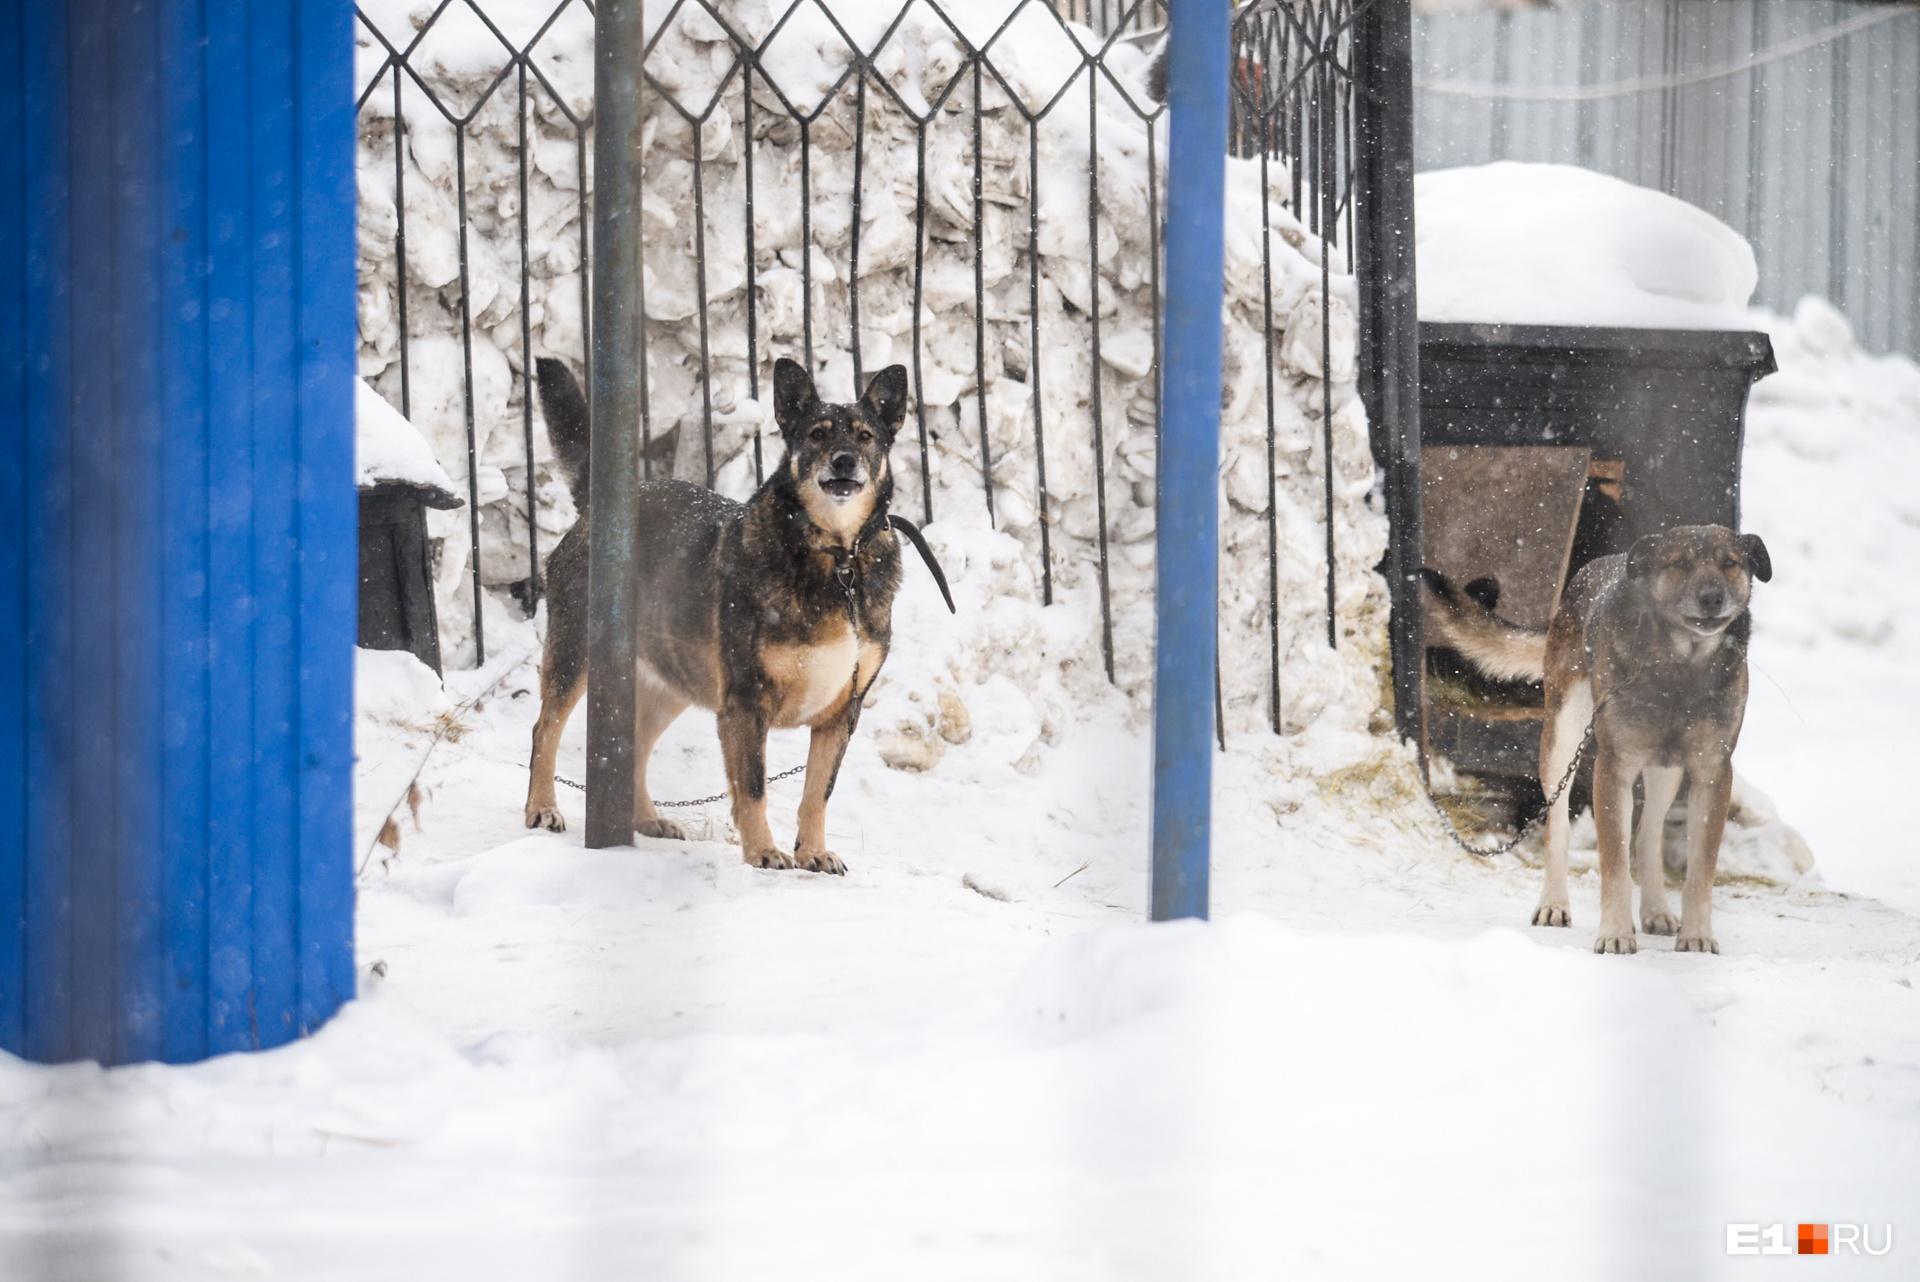 Собаки живут на стоянке, и, когда мы приехали, они были привязаны